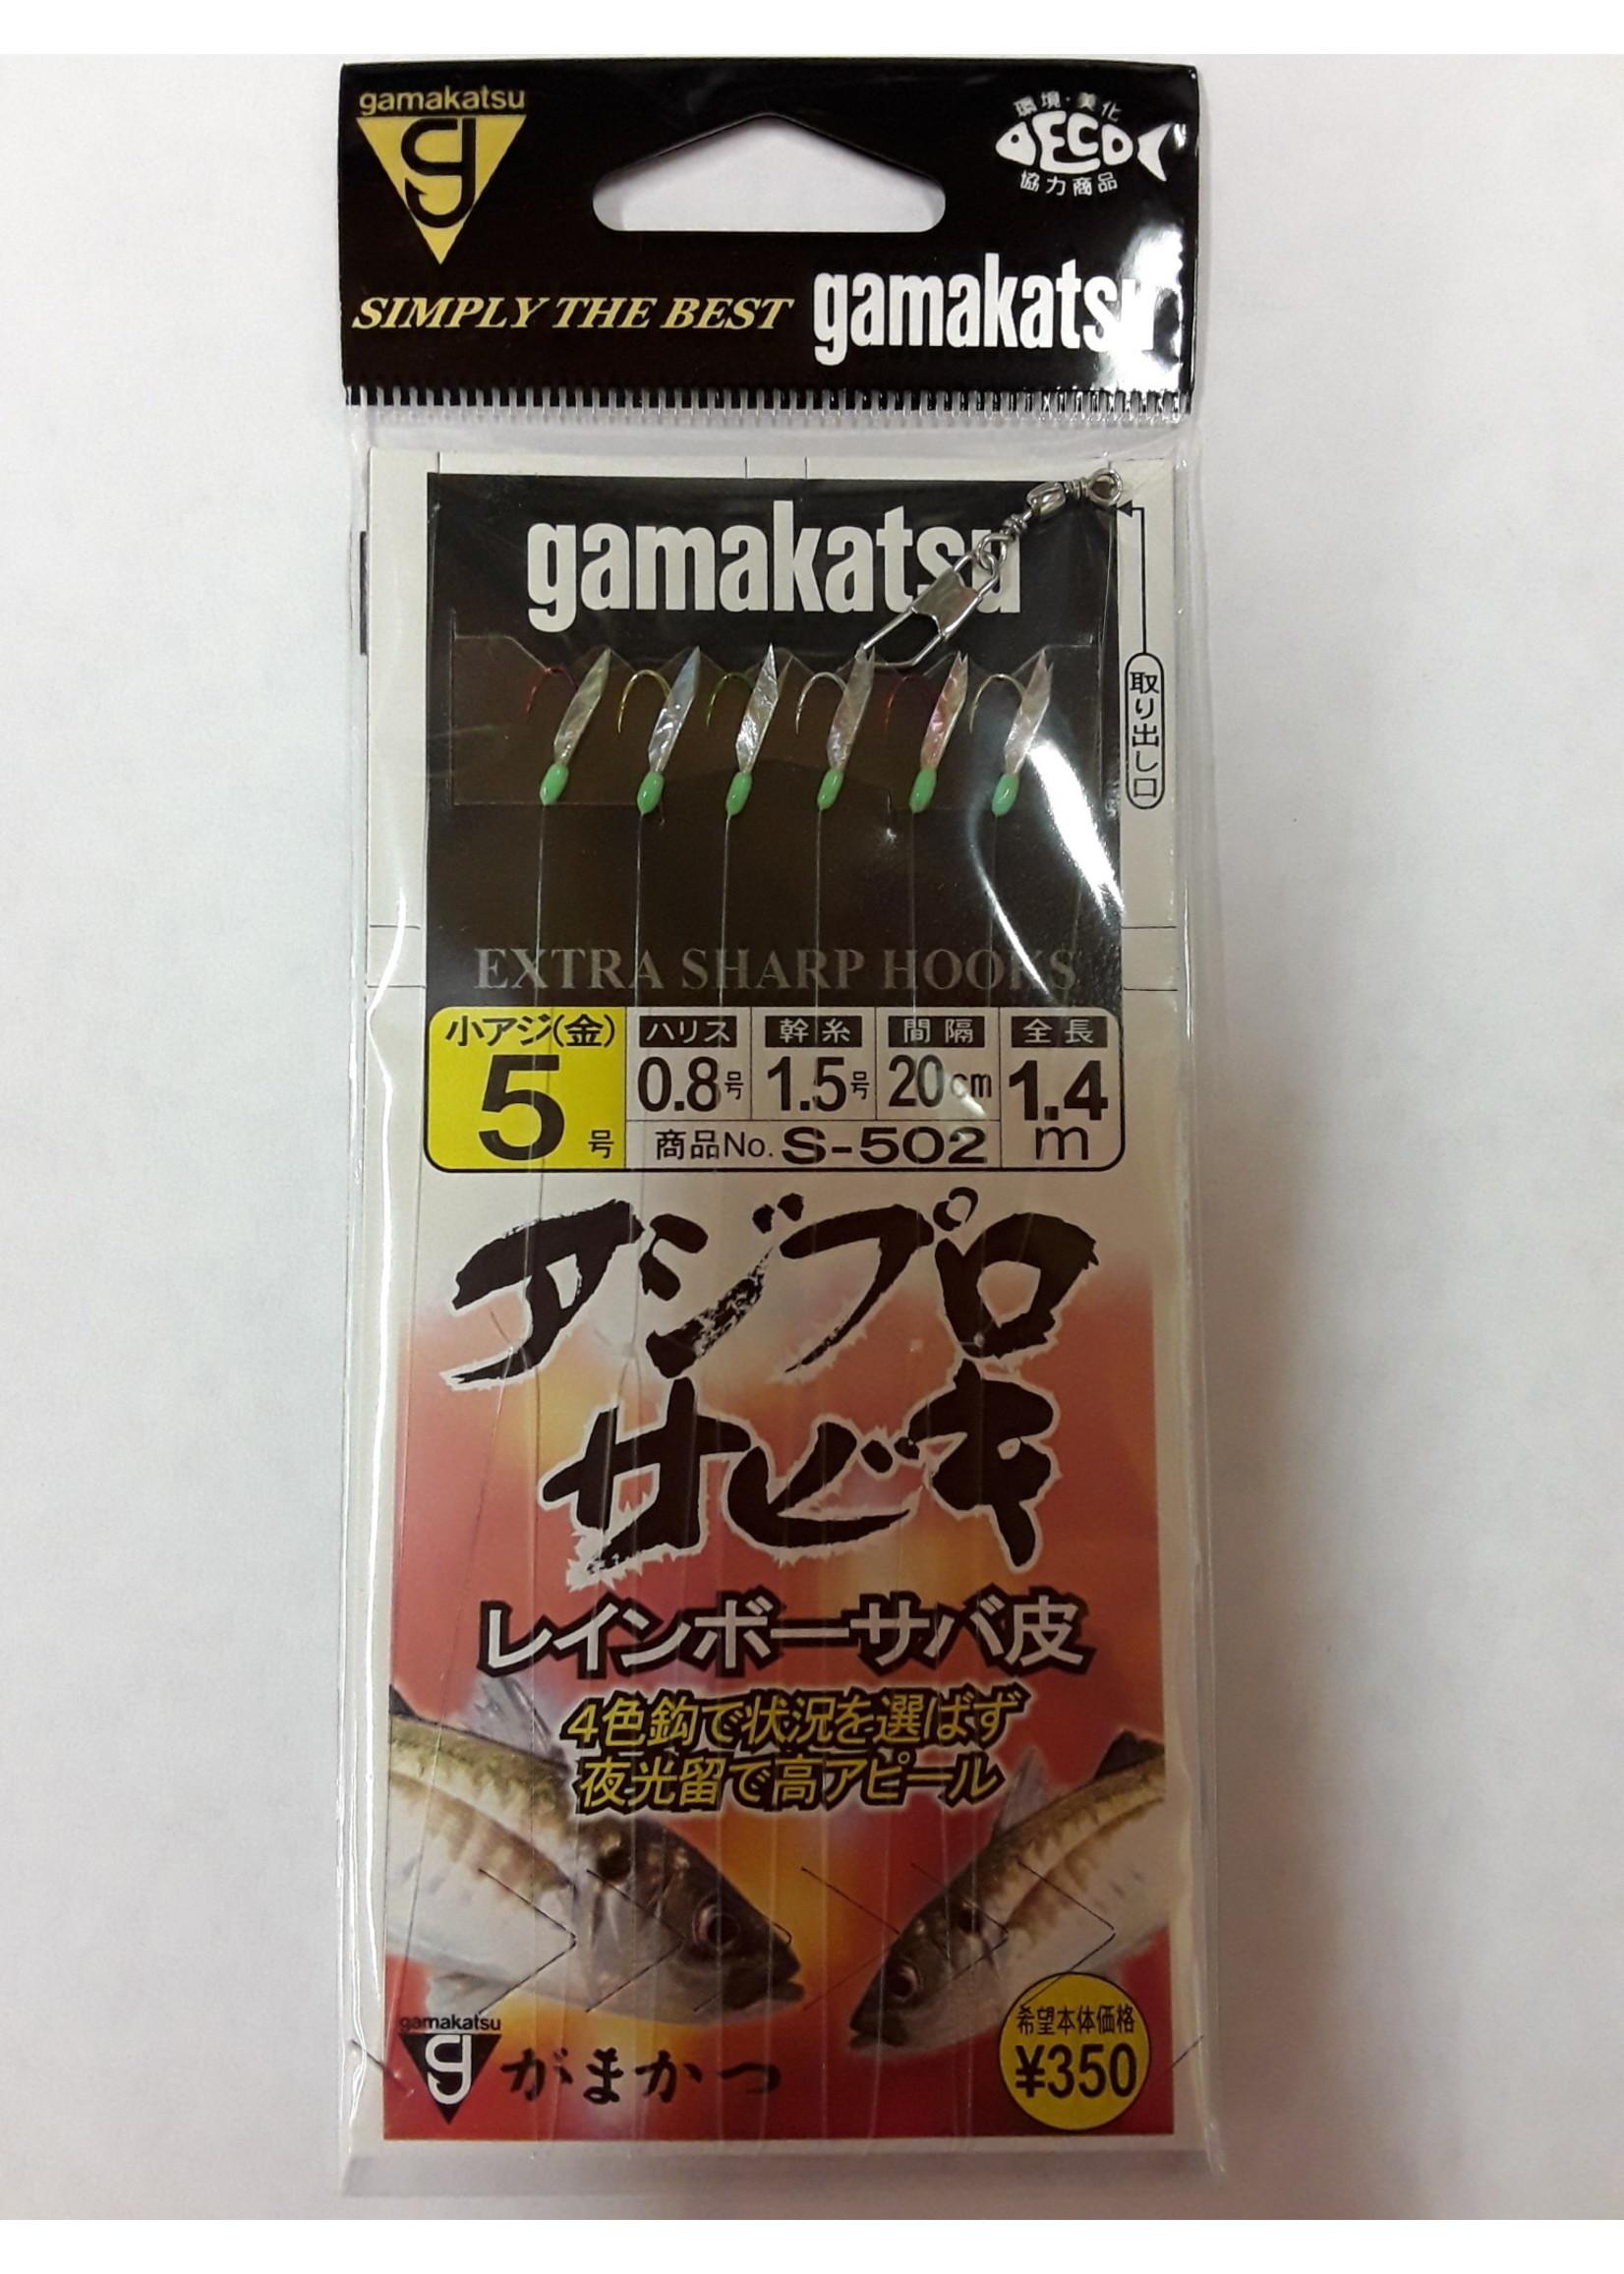 GAMAKATSU Gamakatsu  SMELT/HERRING JIG 5